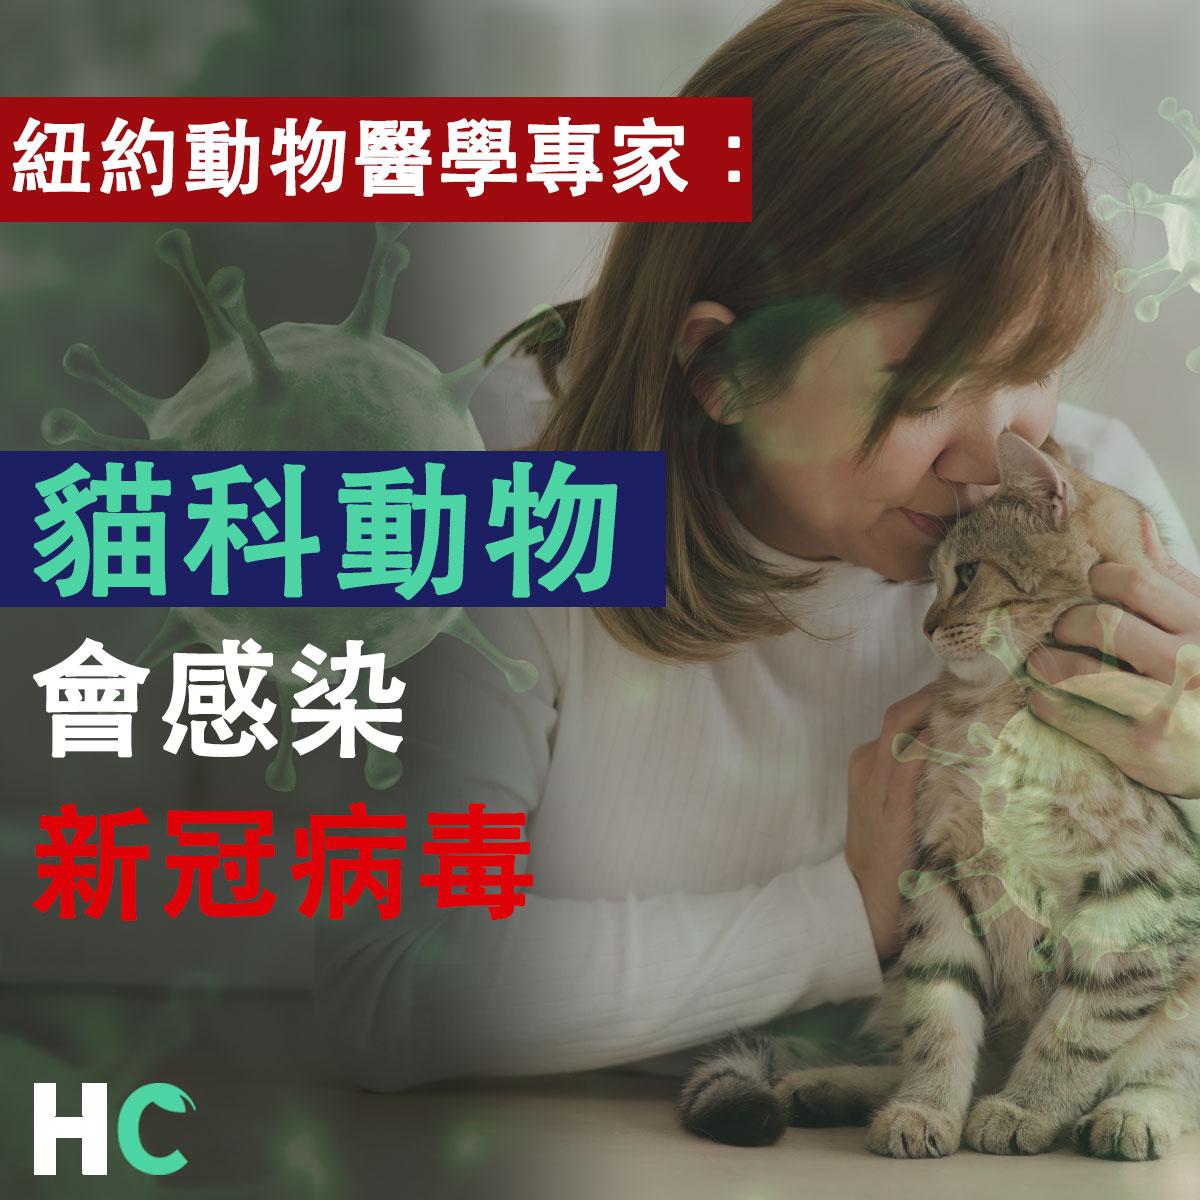 【武漢肺炎】紐約動物醫學專家:貓科動物會感染新冠病毒